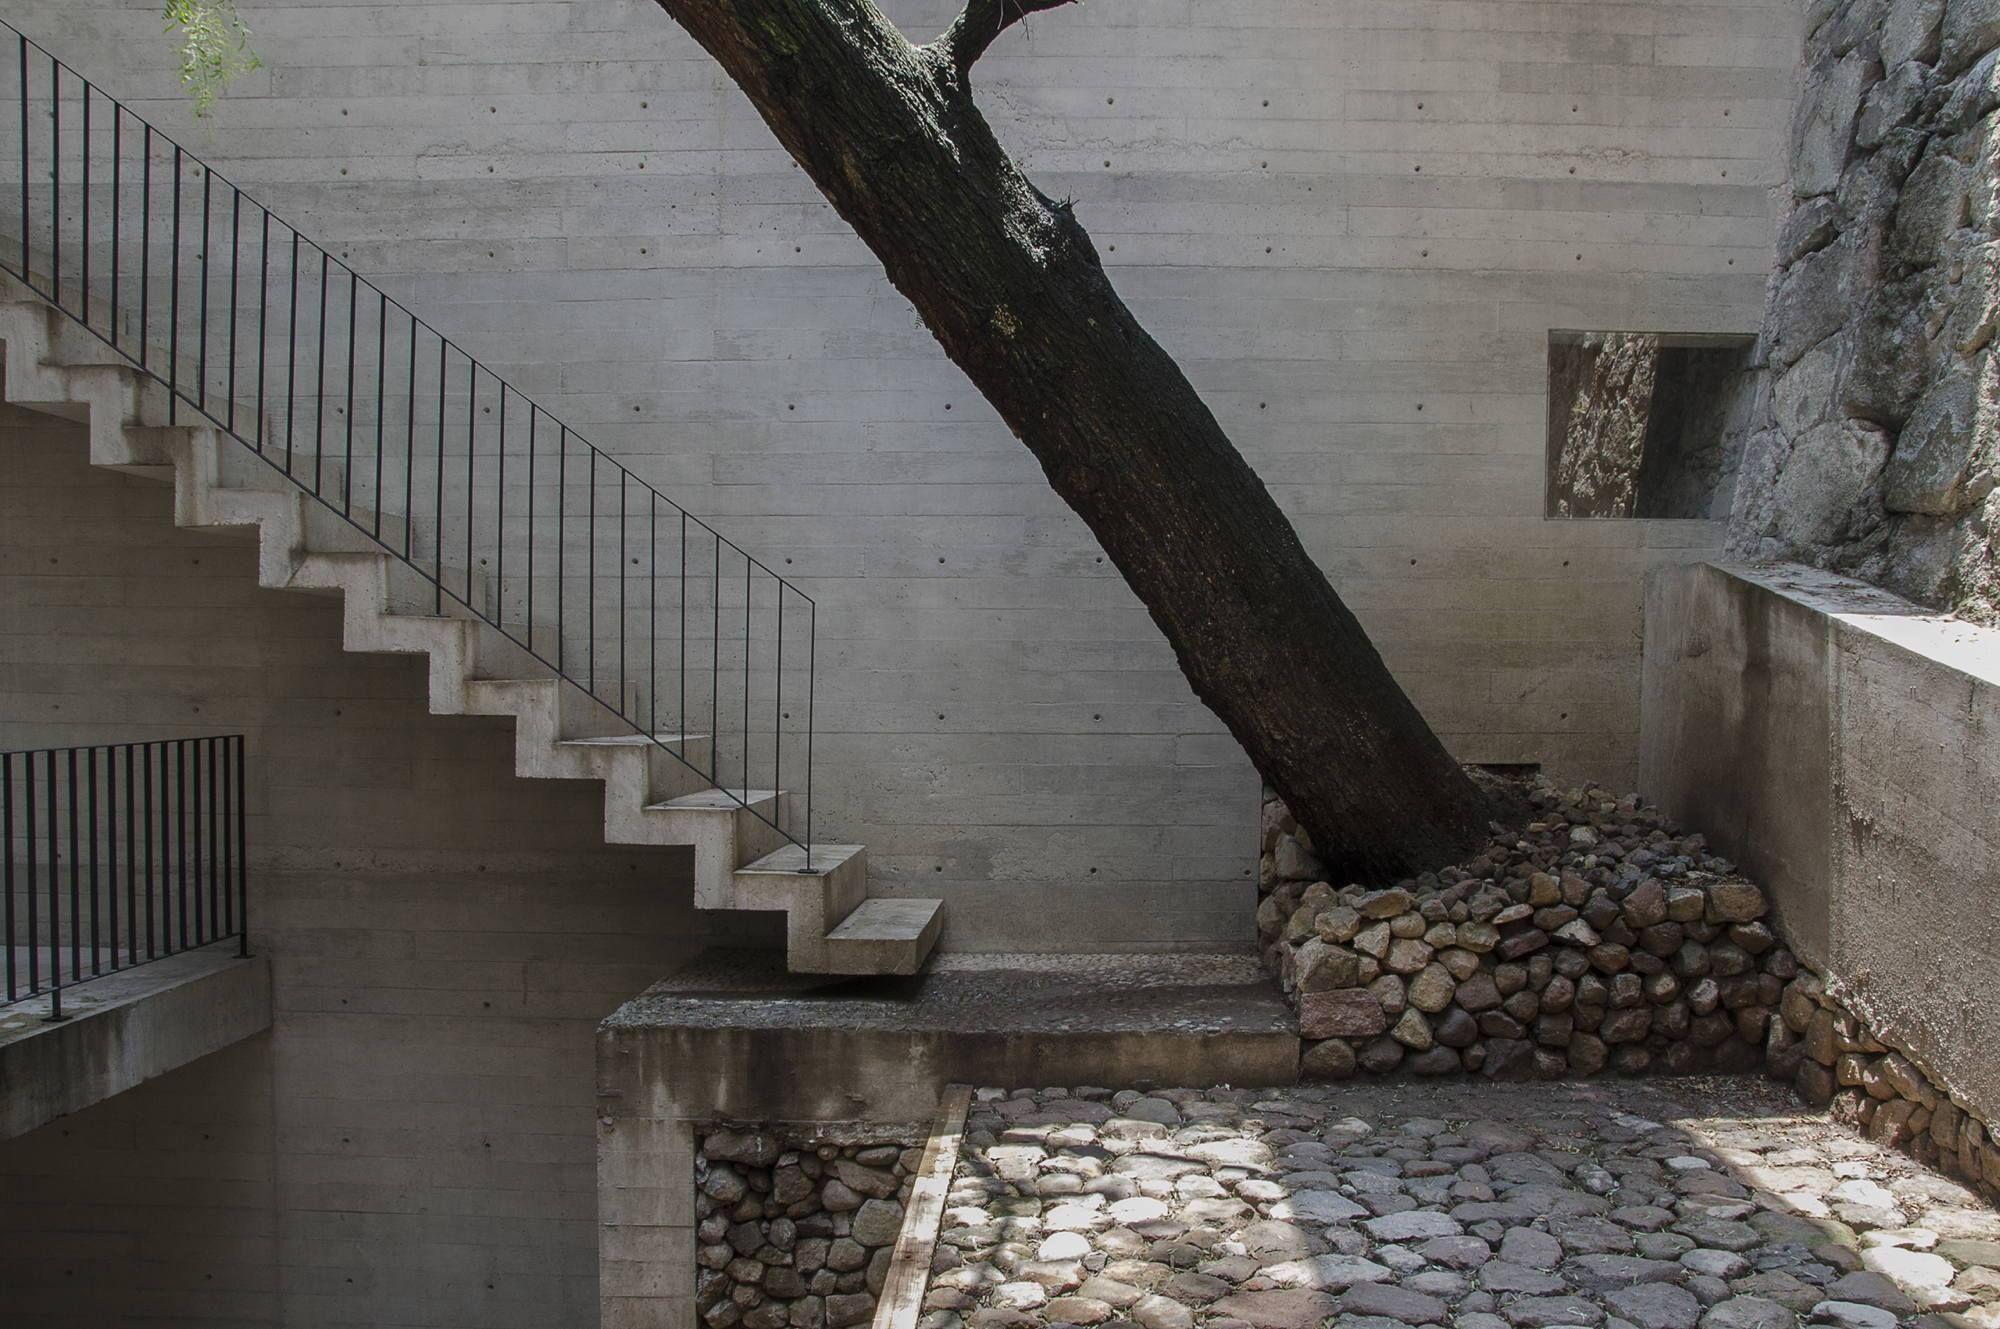 Einfamilienhaus in Mexiko, 3ARCH